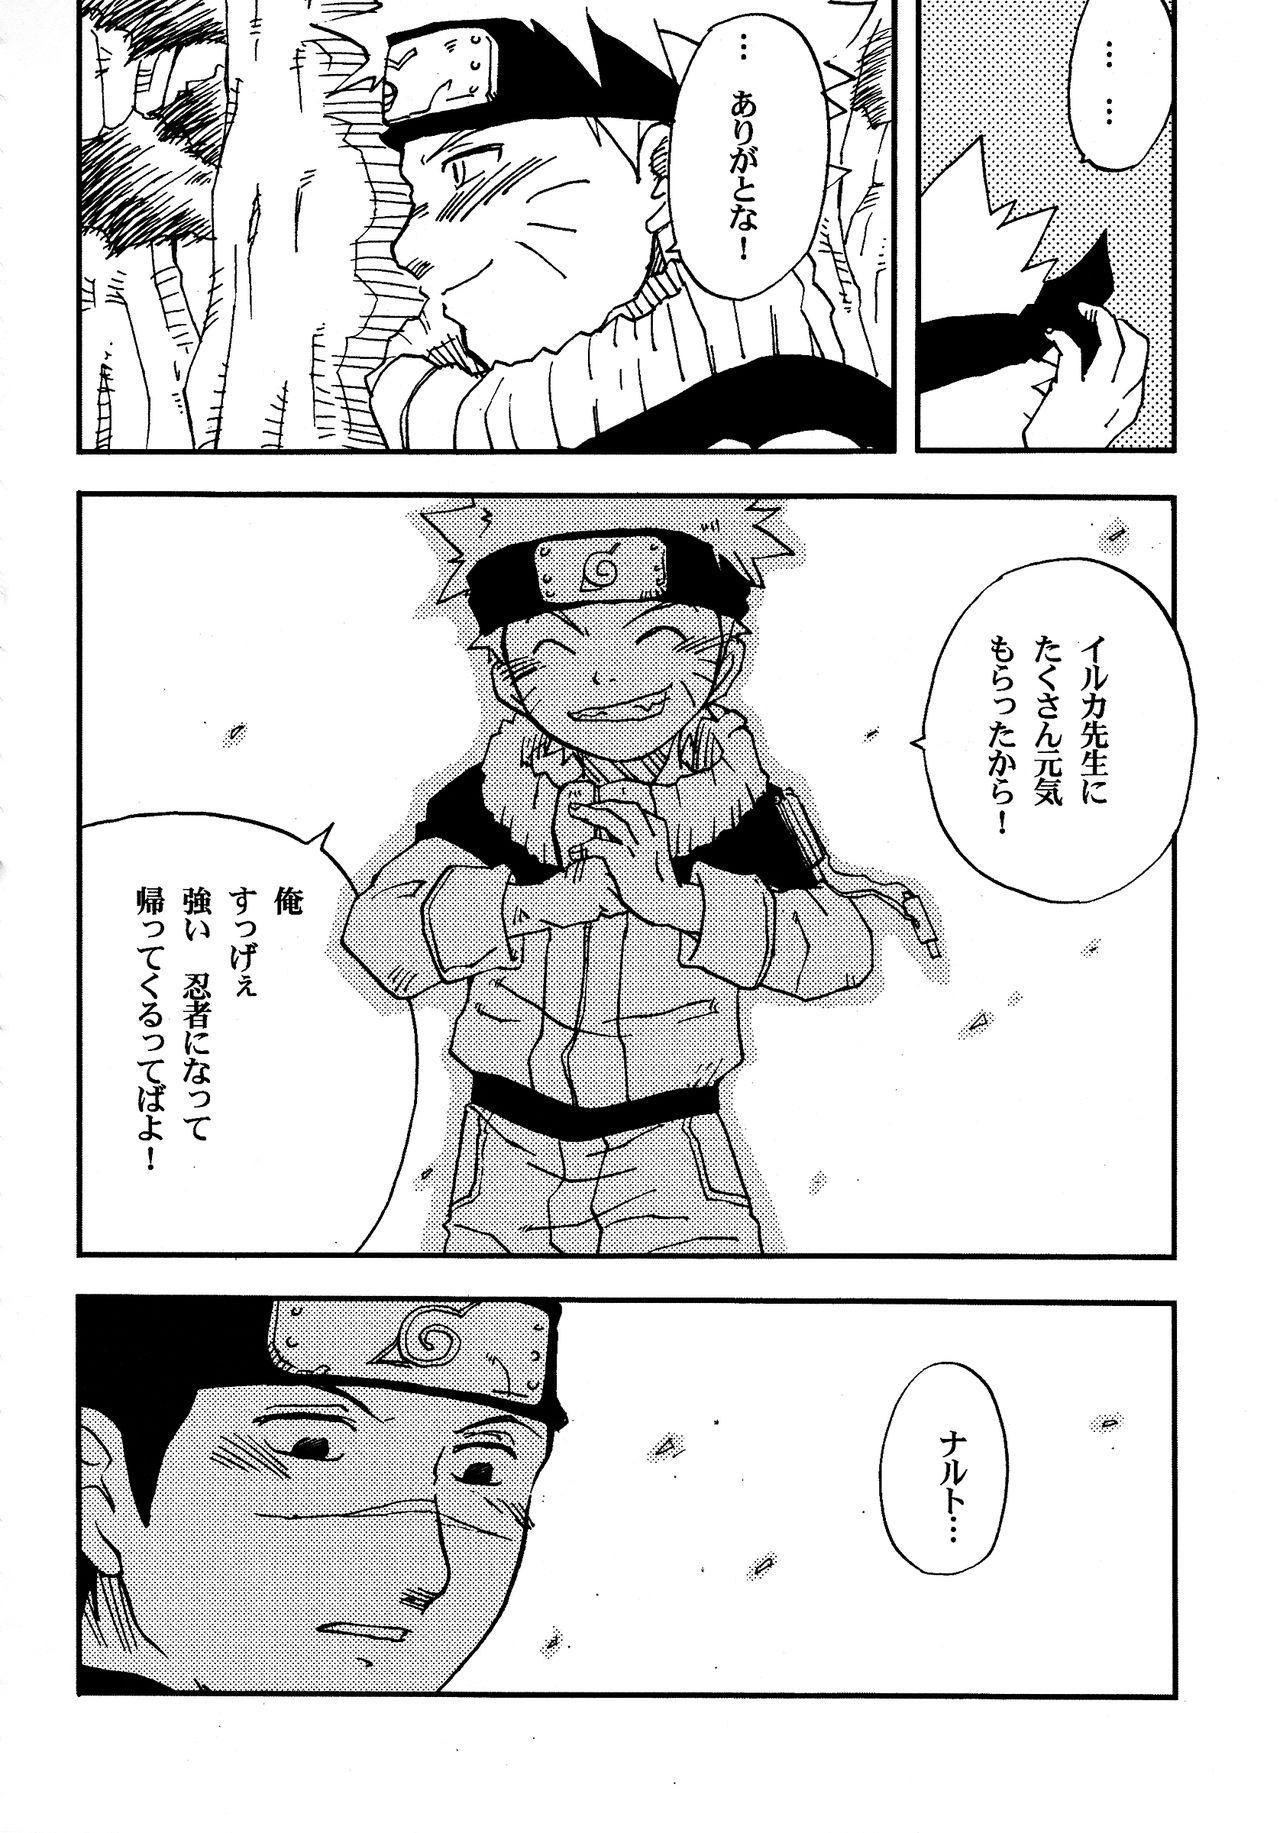 IruNaru no Wadachi 44